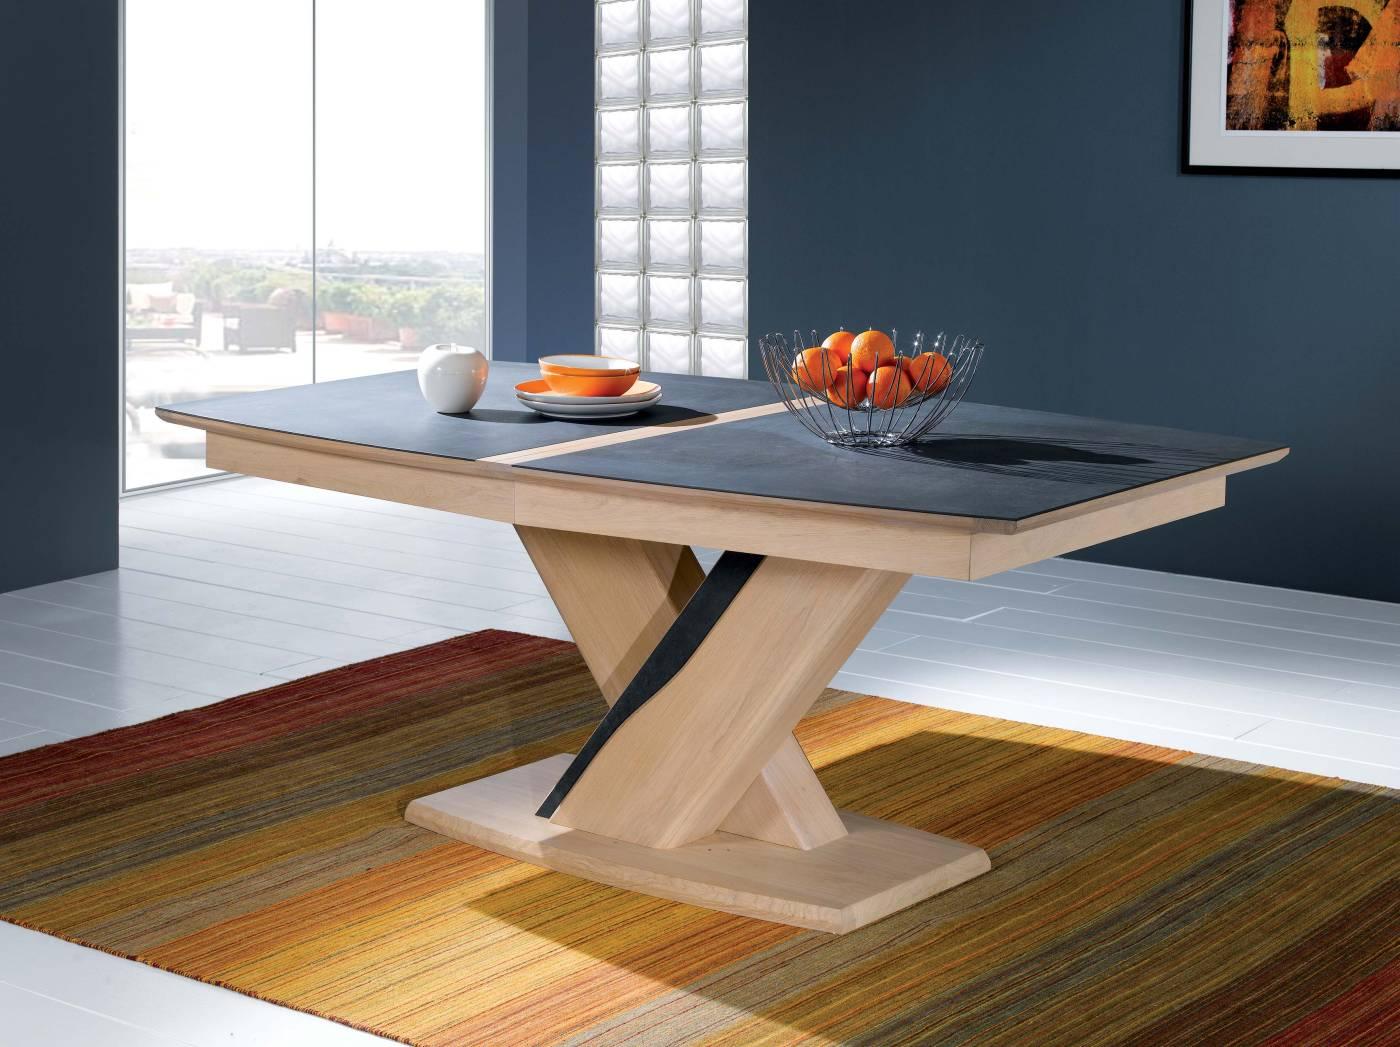 table-salle-a-manger-ceram-chene-ceramique-ateliers-de-langres